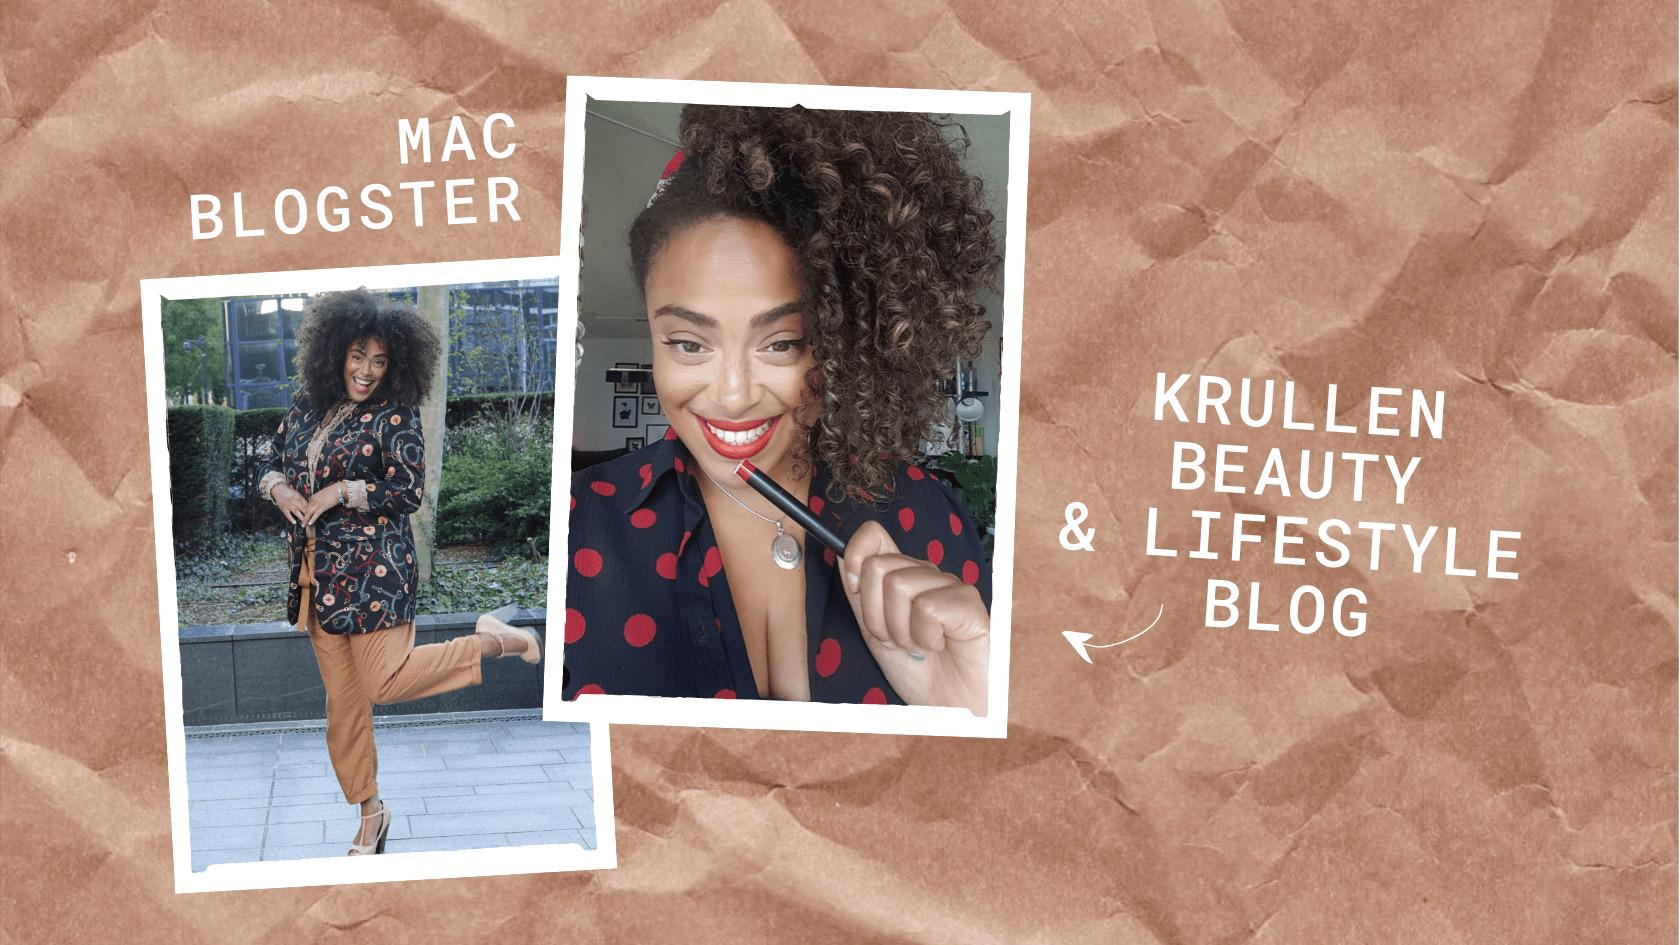 Macblogster blog header